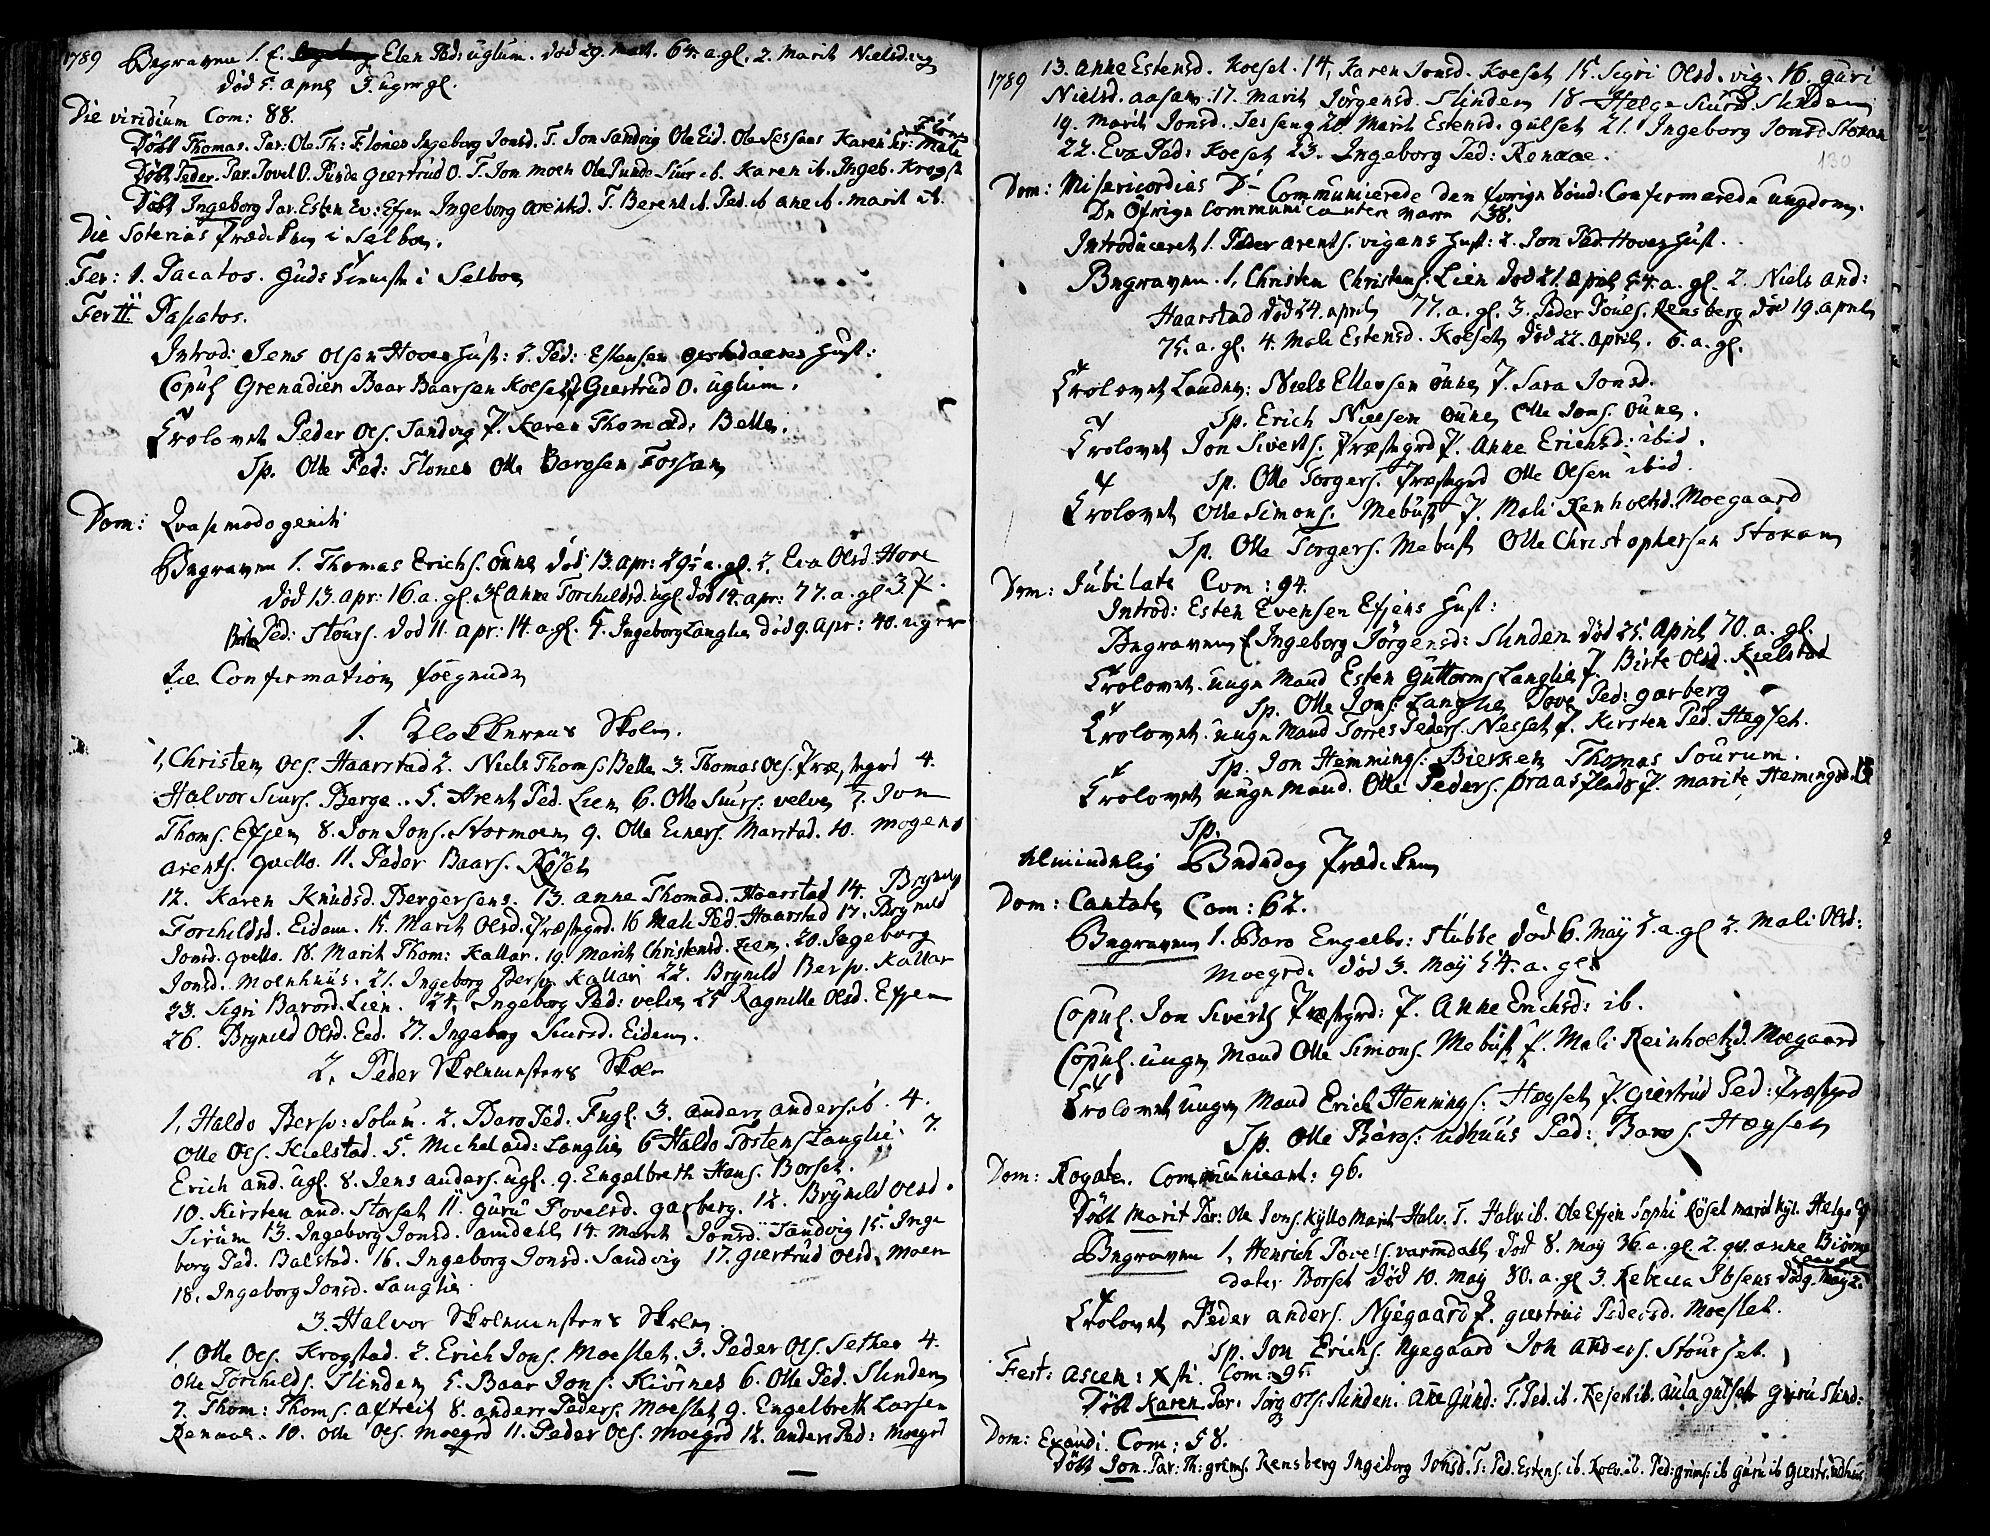 SAT, Ministerialprotokoller, klokkerbøker og fødselsregistre - Sør-Trøndelag, 695/L1138: Ministerialbok nr. 695A02 /1, 1757-1801, s. 130